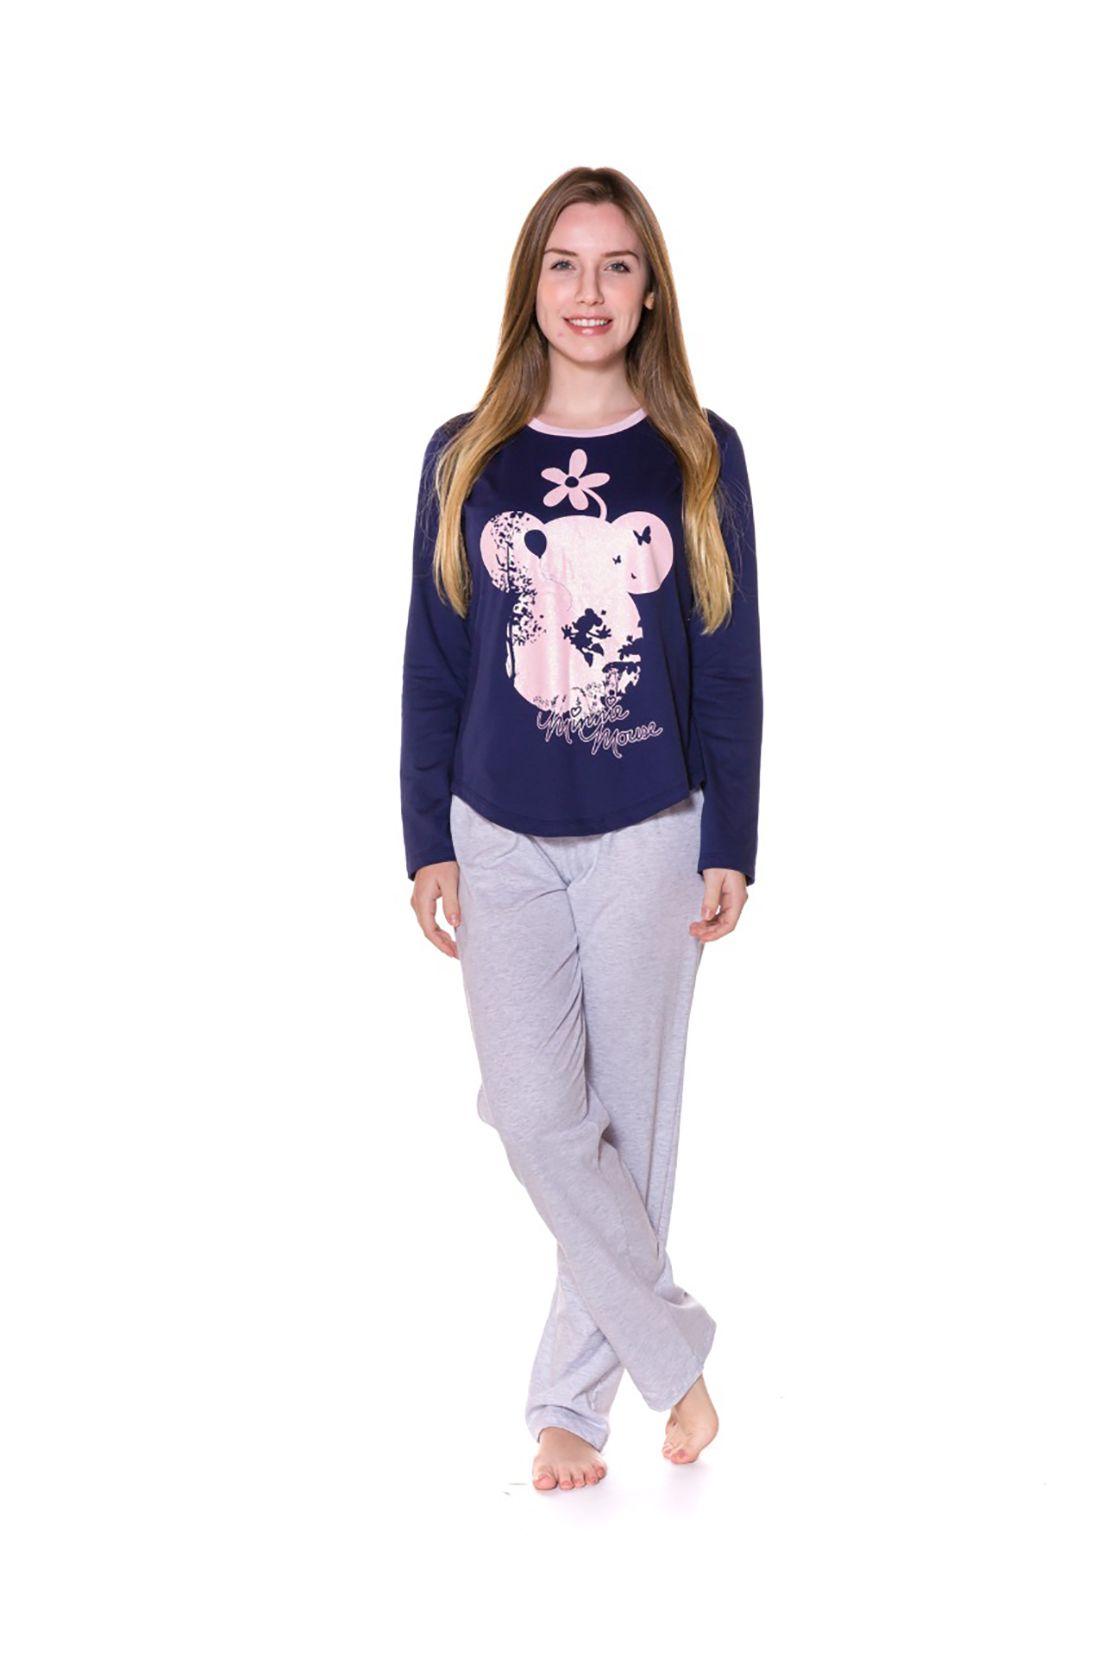 Pijama Adulto Camiseta Manga Longa e Calça Evanilda  Minni Marinho e Rosa